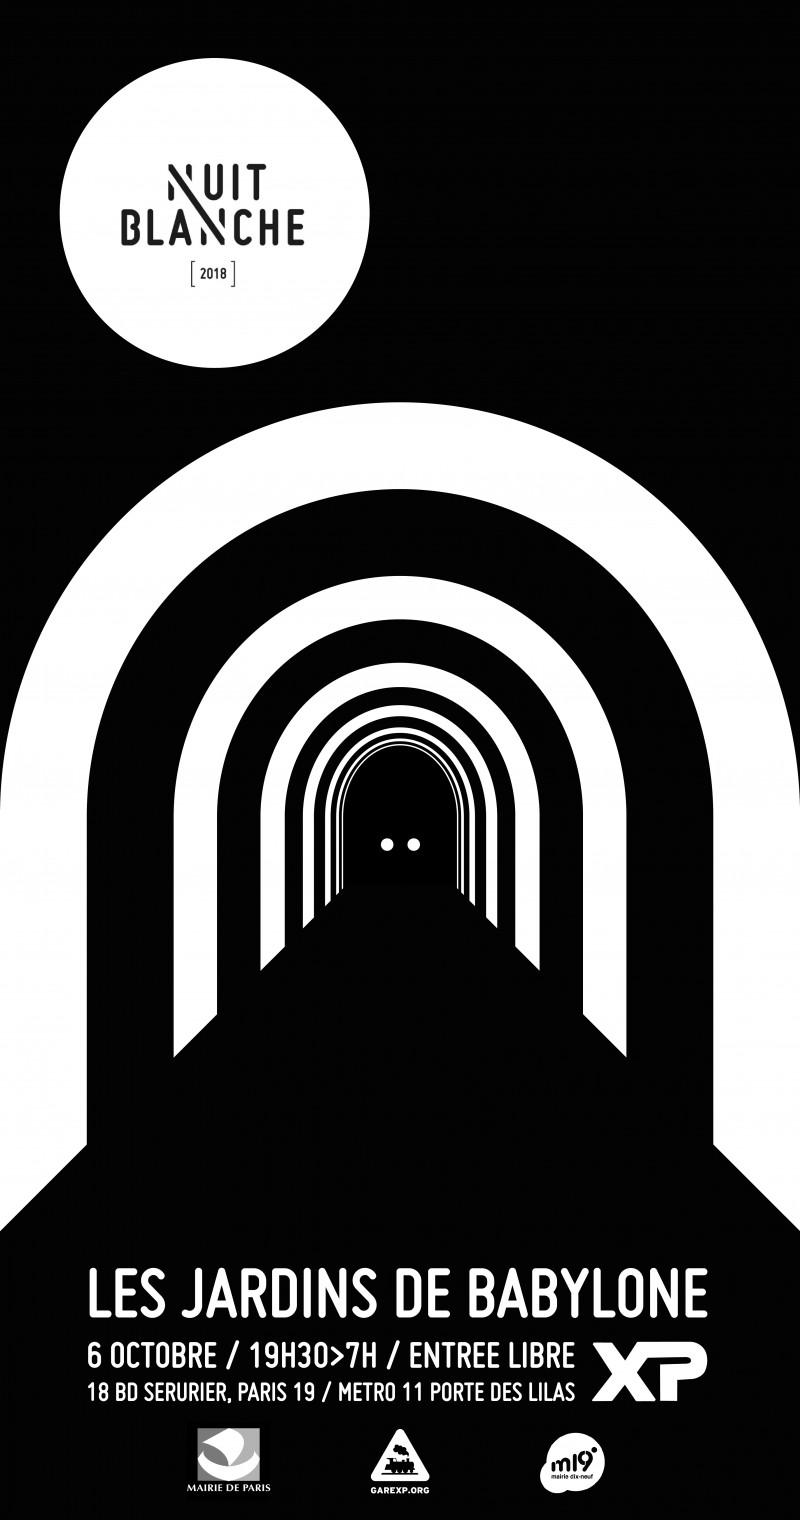 affiche-nuit-blanche-2018-gare-xp-fb0fe44932bffe2221ce8b1c23c67de6